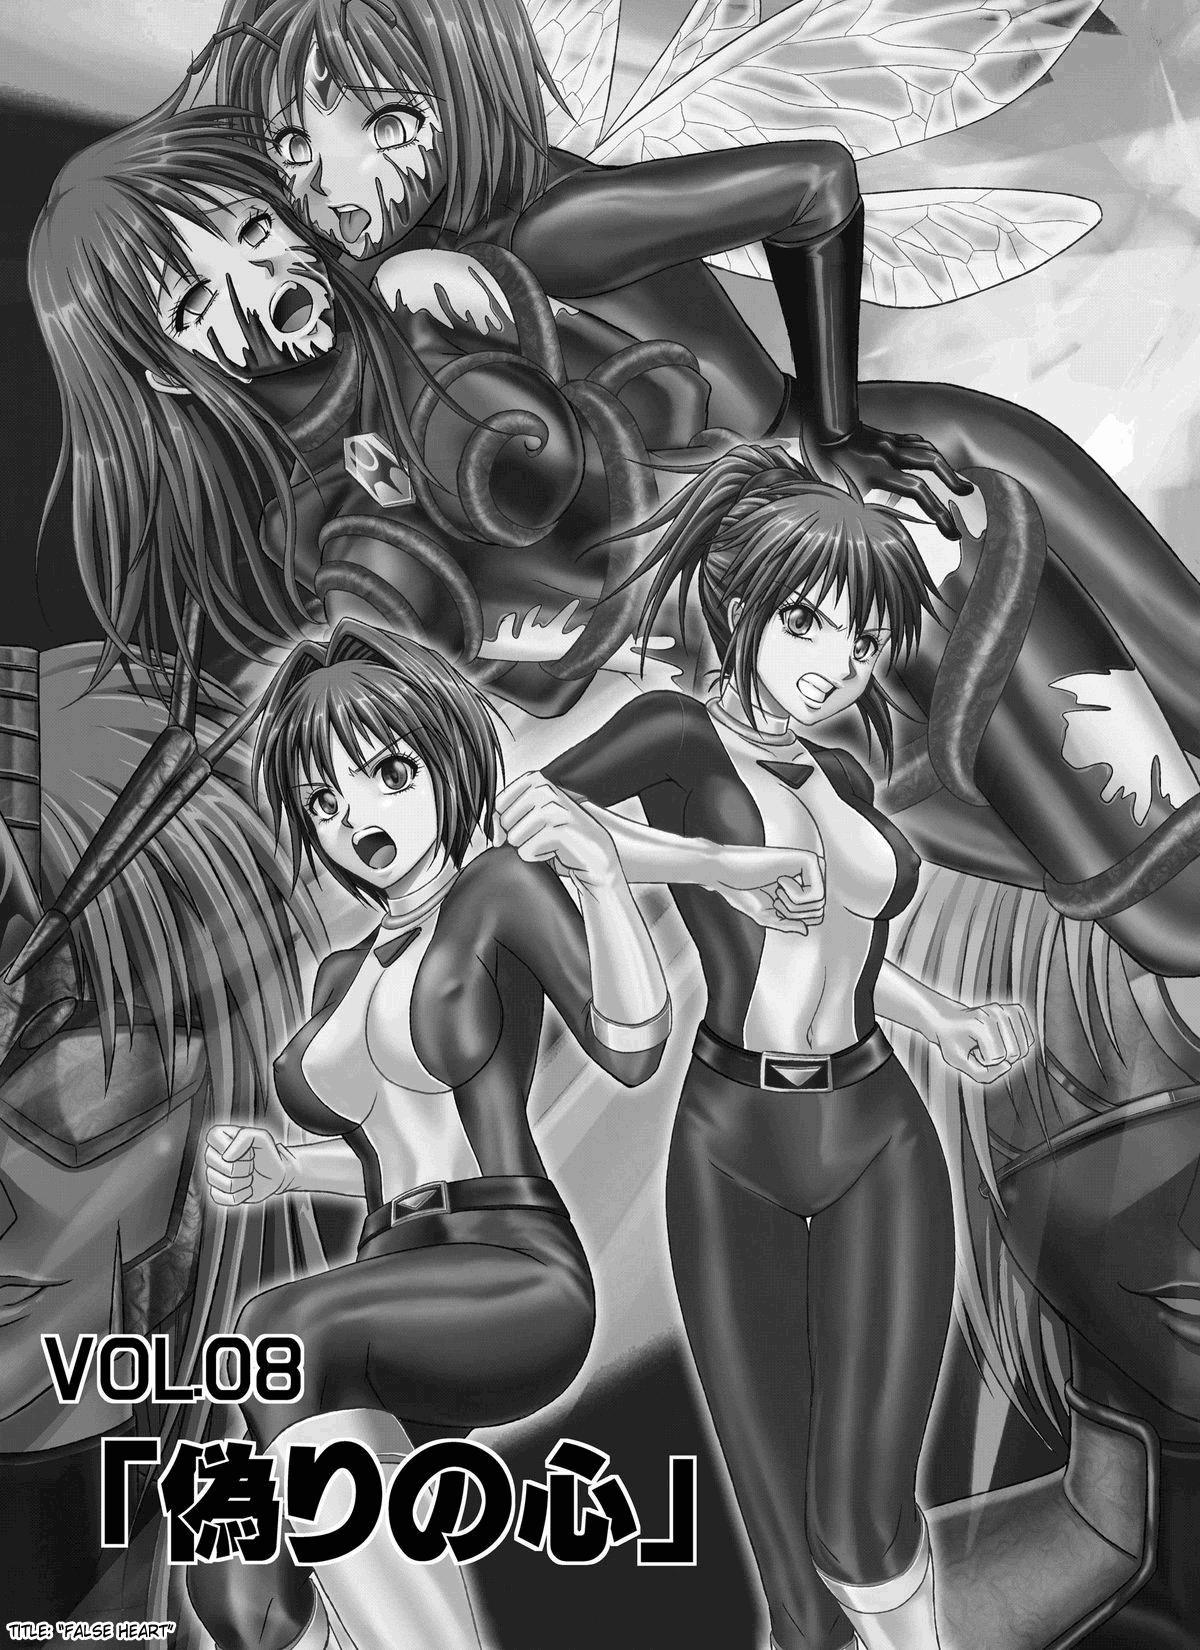 [Macxe's (monmon)] Tokubousentai Dinaranger ~Heroine Kairaku Sennou Keikaku~ Vol. 07/08/Gaiden01 [English] [SaHa] 34